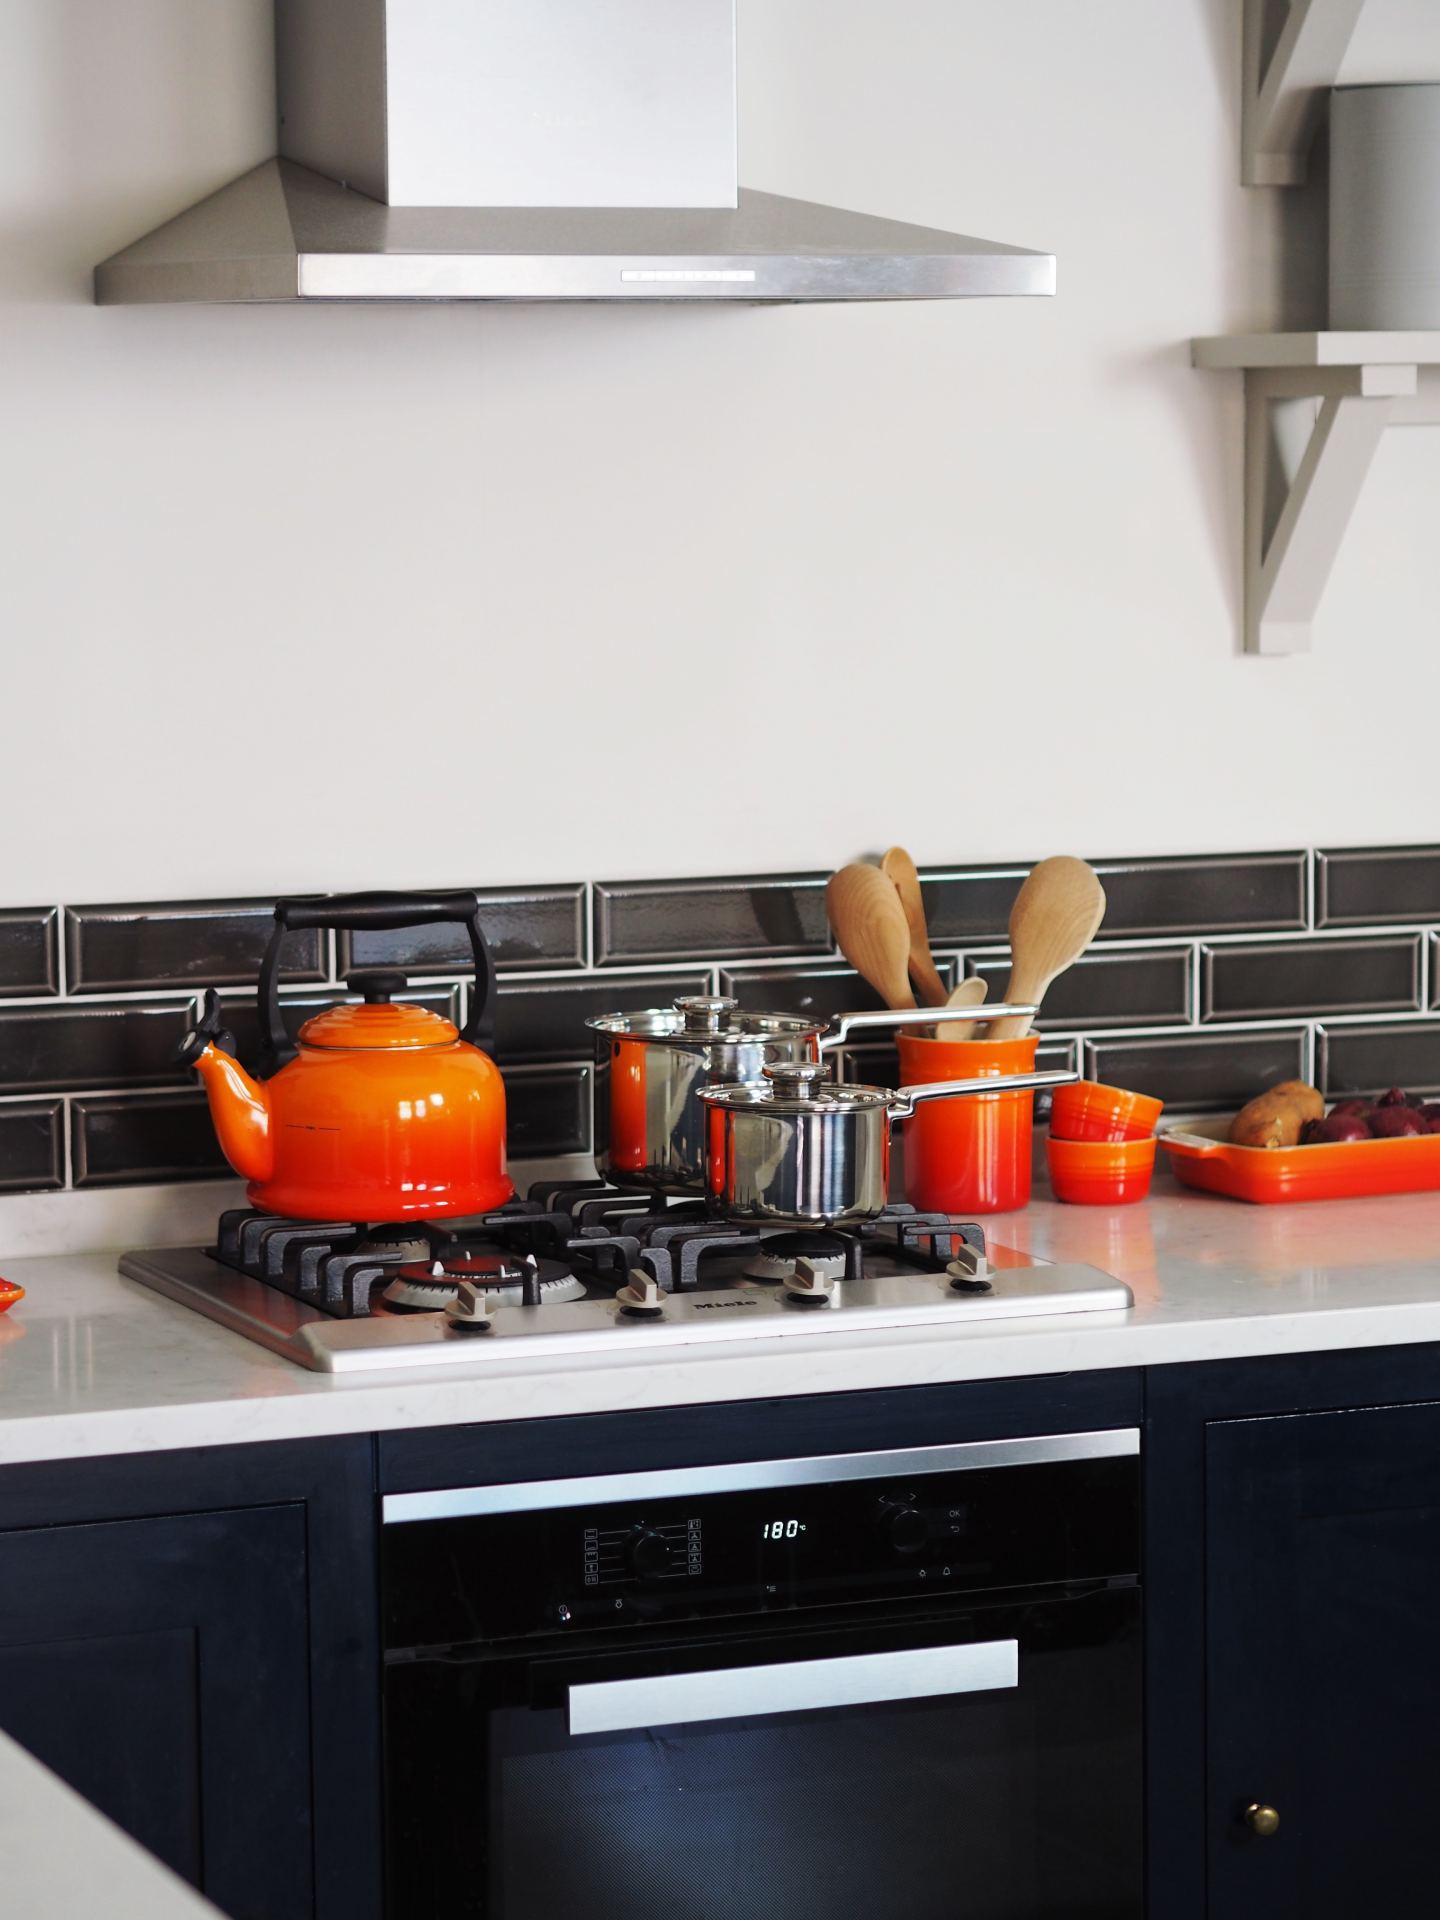 harvey jones kitchen navy blue miele oven